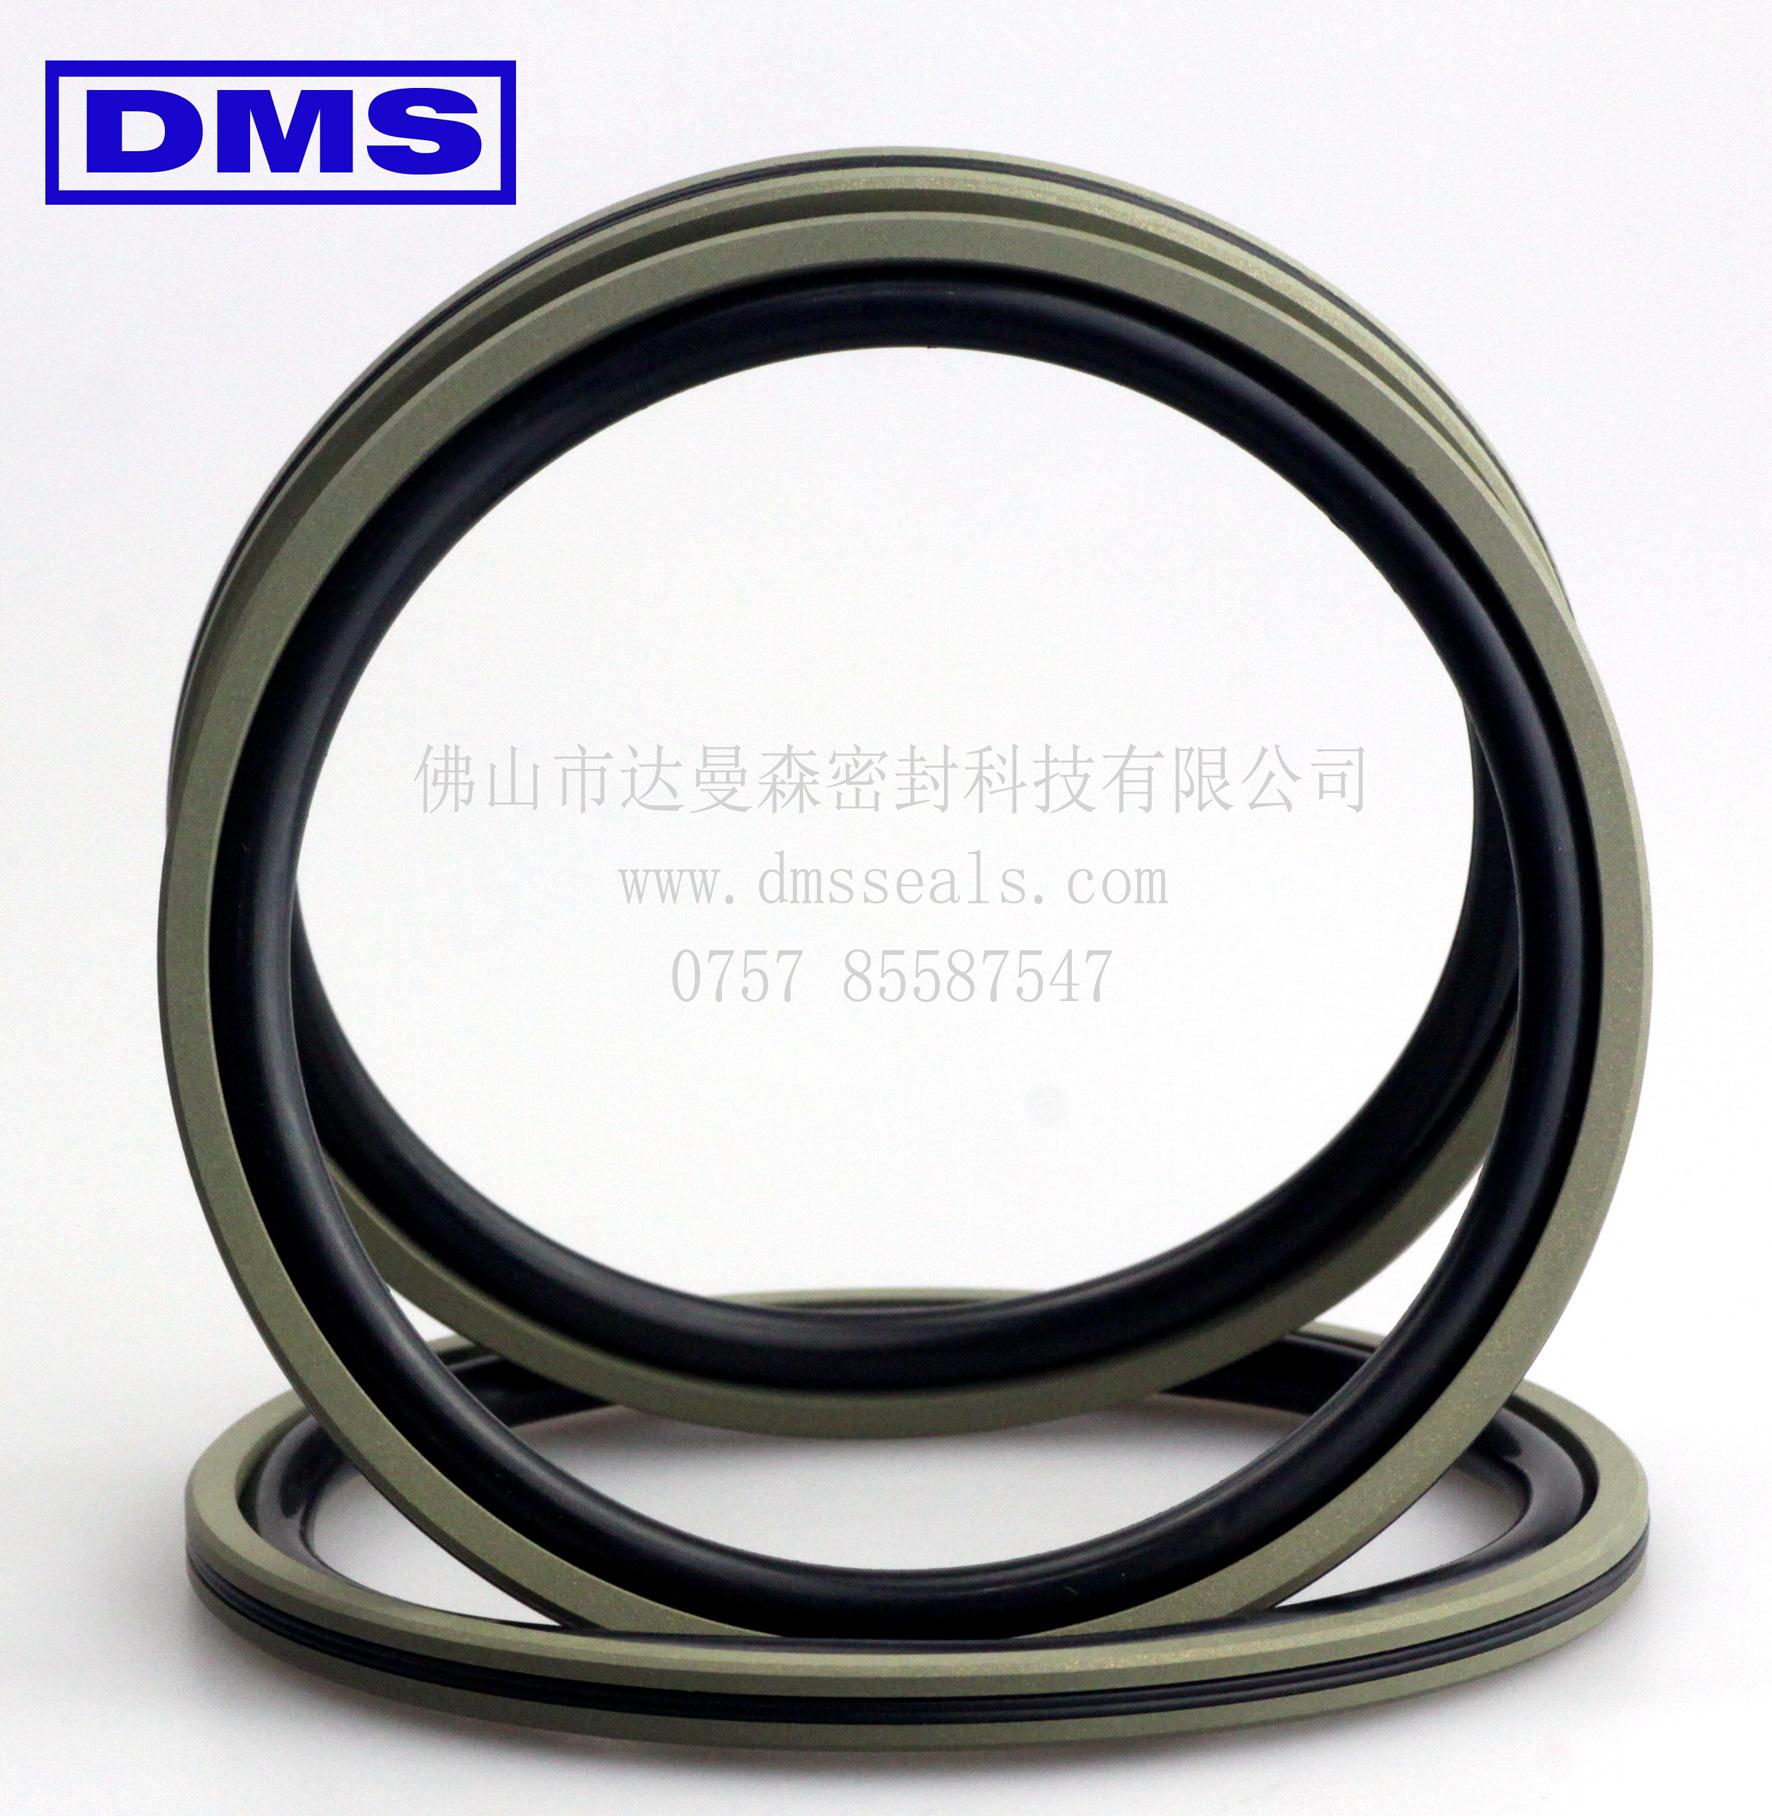 活塞组合密封圈DAQ 聚四氟乙烯丁晴星形圈 密封件生产厂家